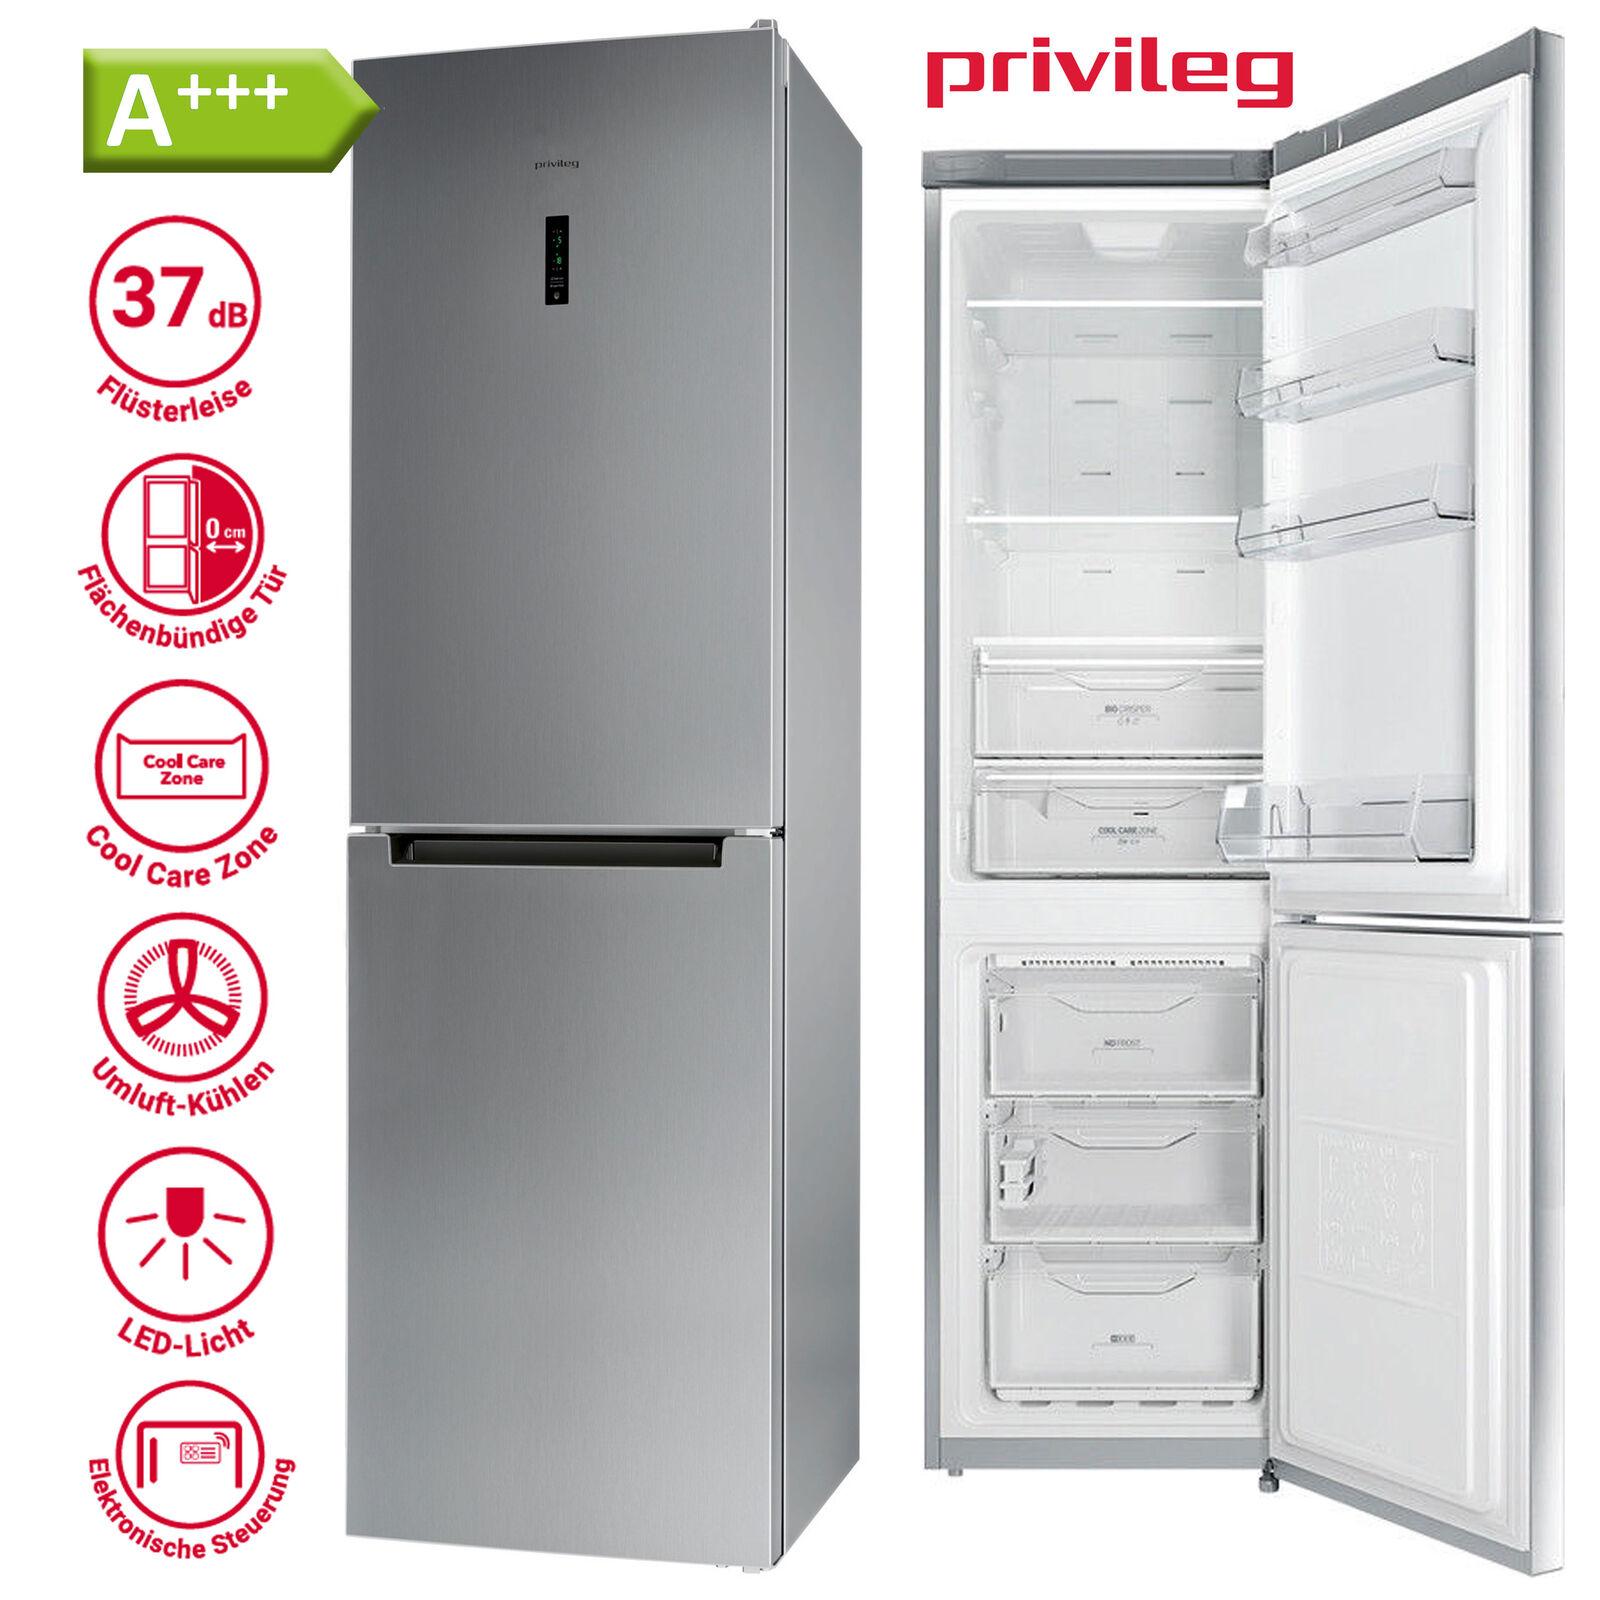 Kühl Gefrierkombination A+++ Kühlschrank freistehend Silber NoFrost 201 cm Stand